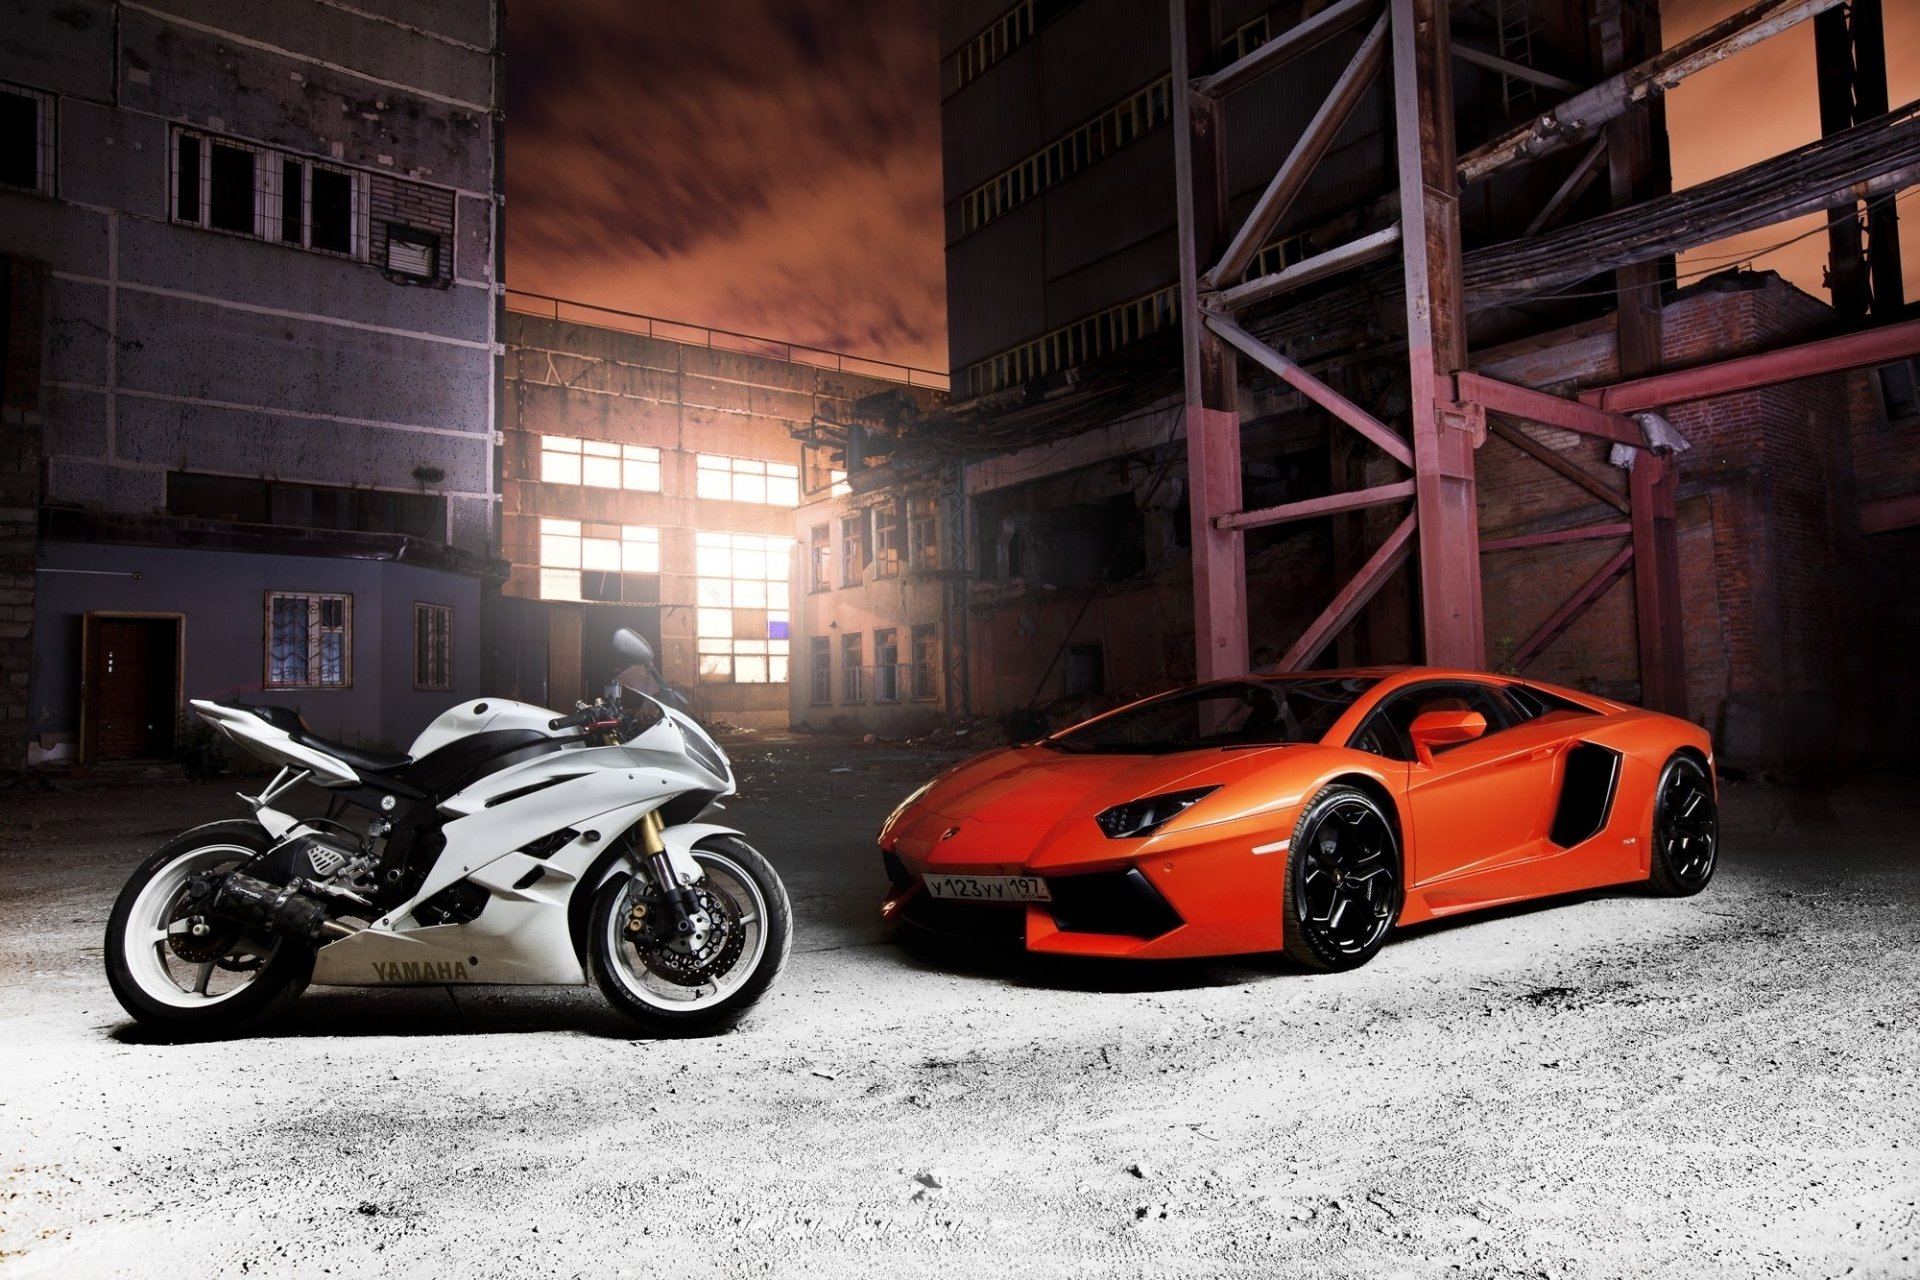 окрестностях лучшие картинки мотоциклов и машин развитие